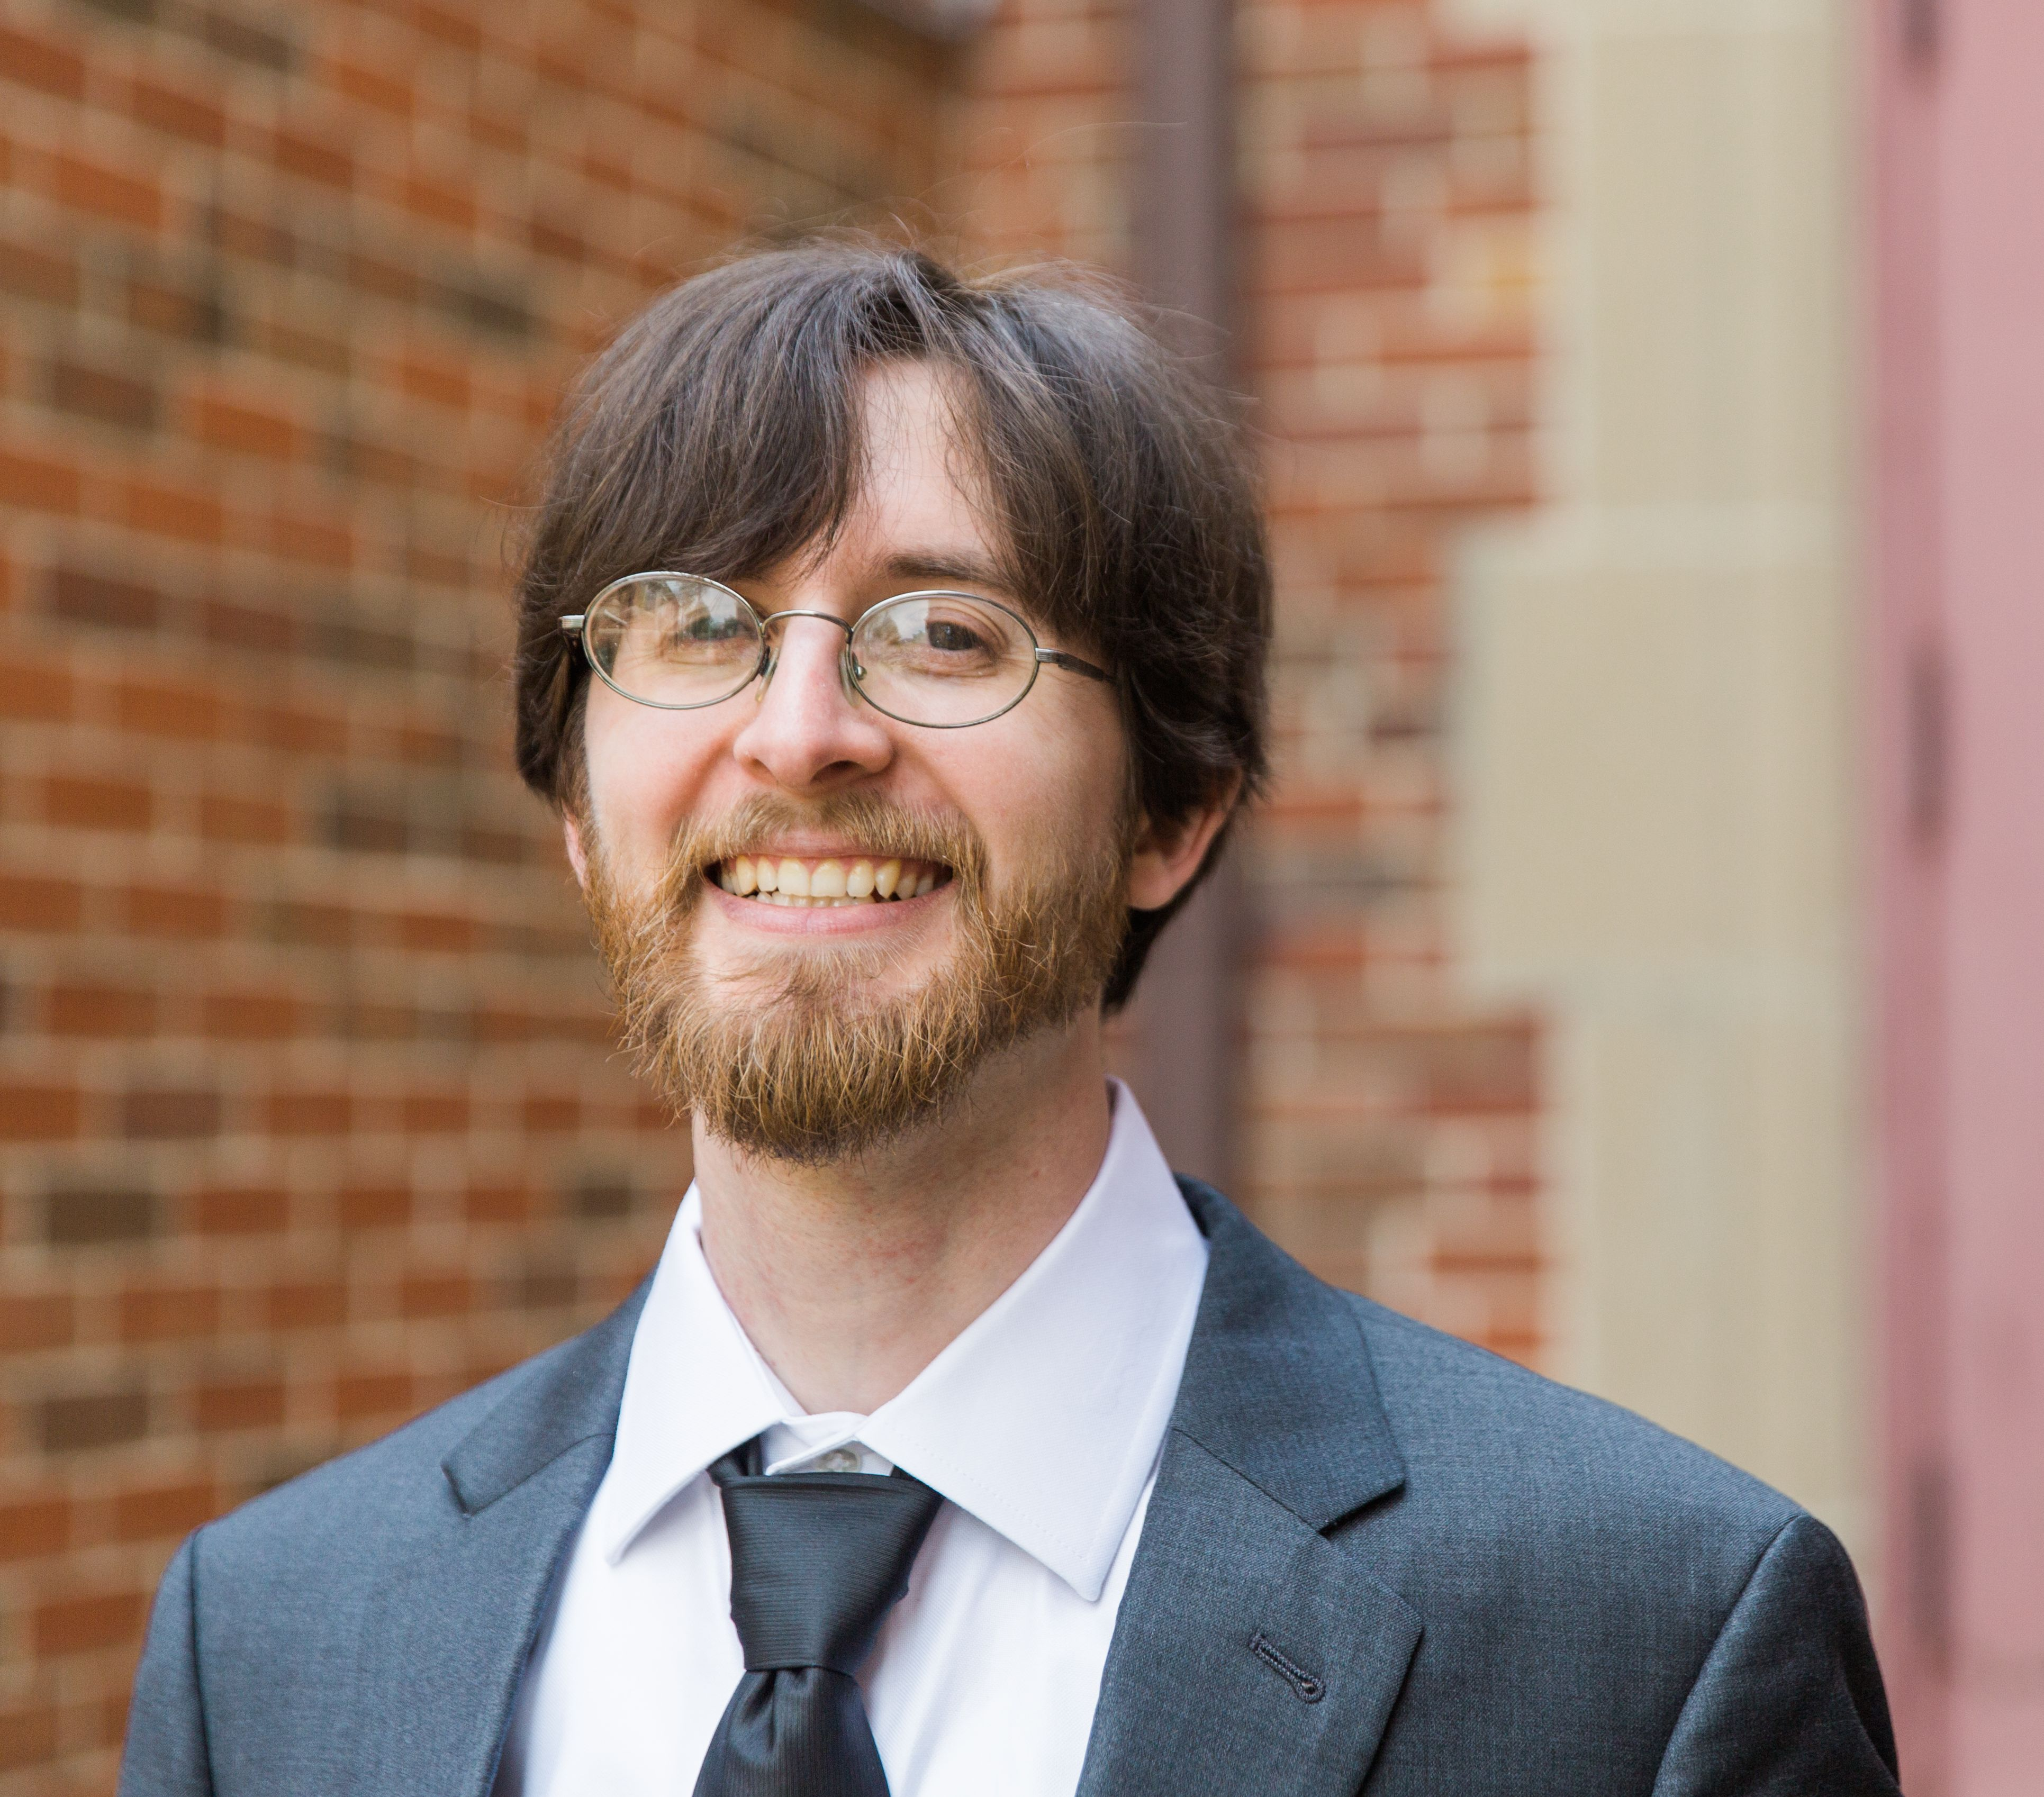 Patrick Ploch (St. Louis)